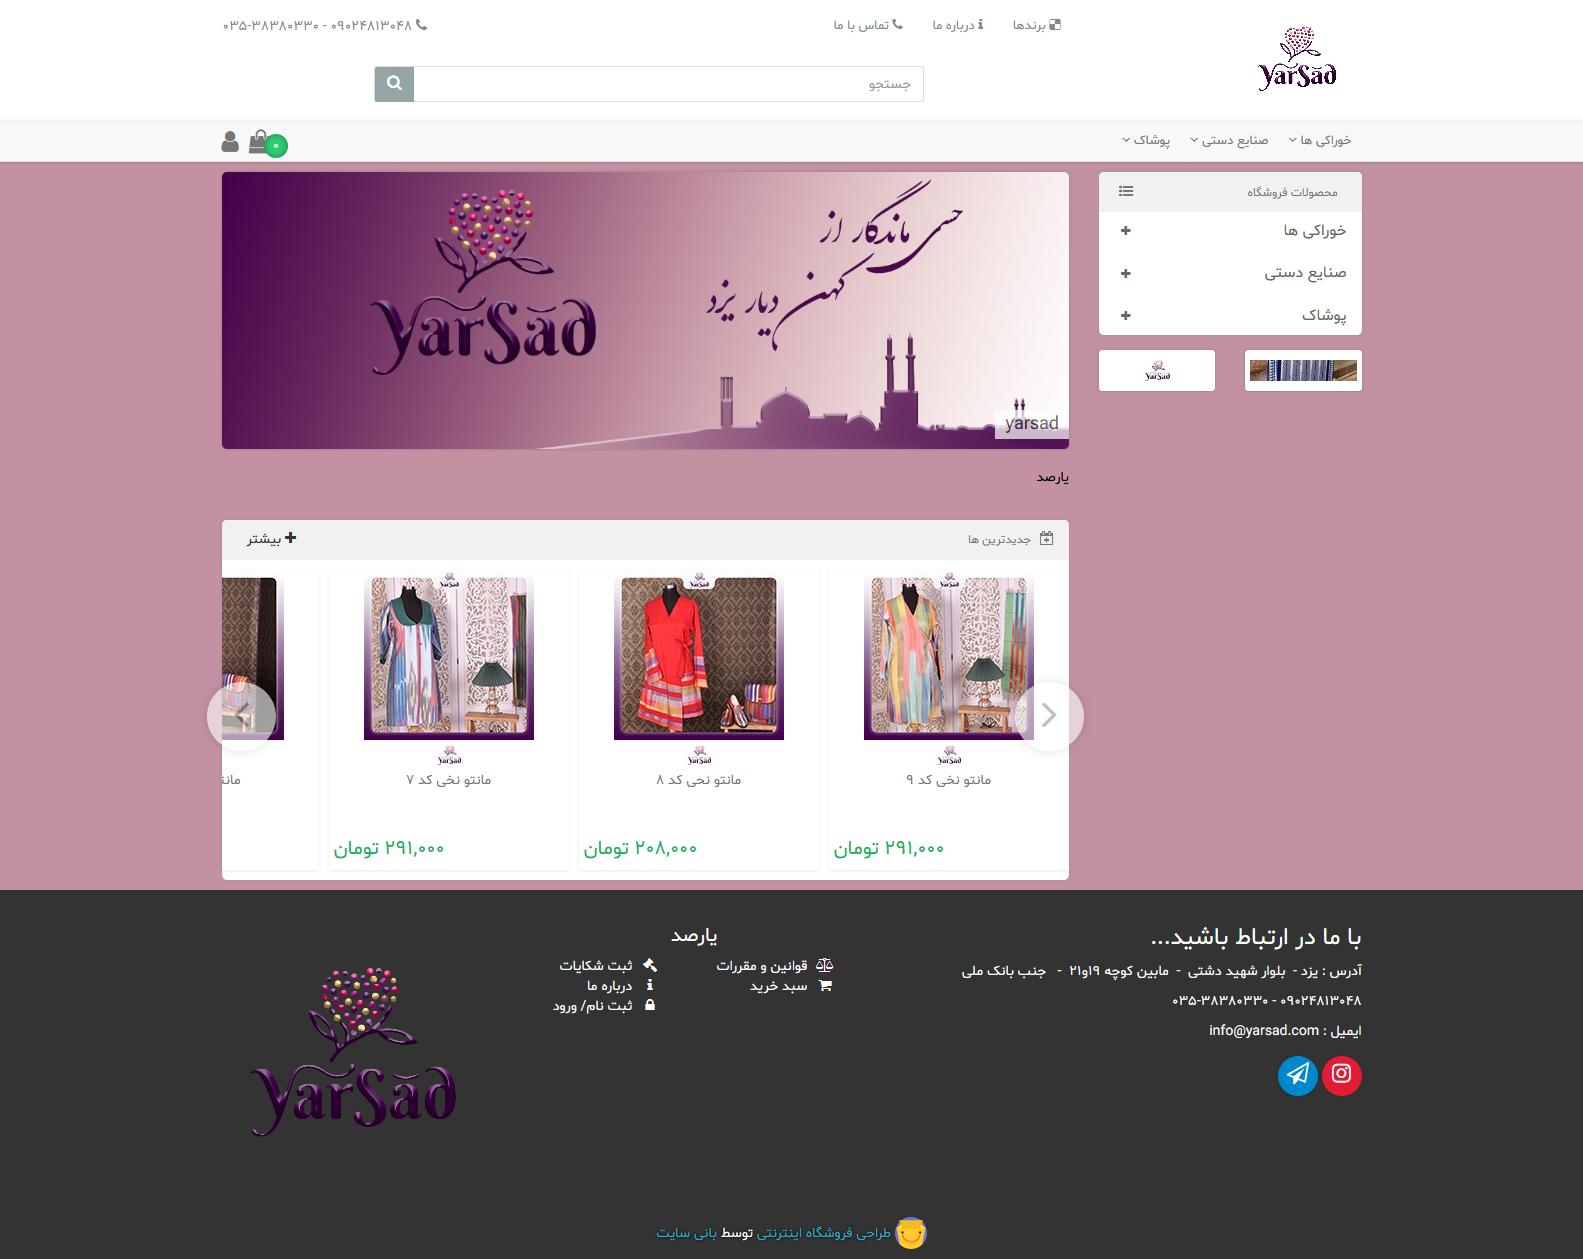 طراحی سایت فروشگاه یارصد